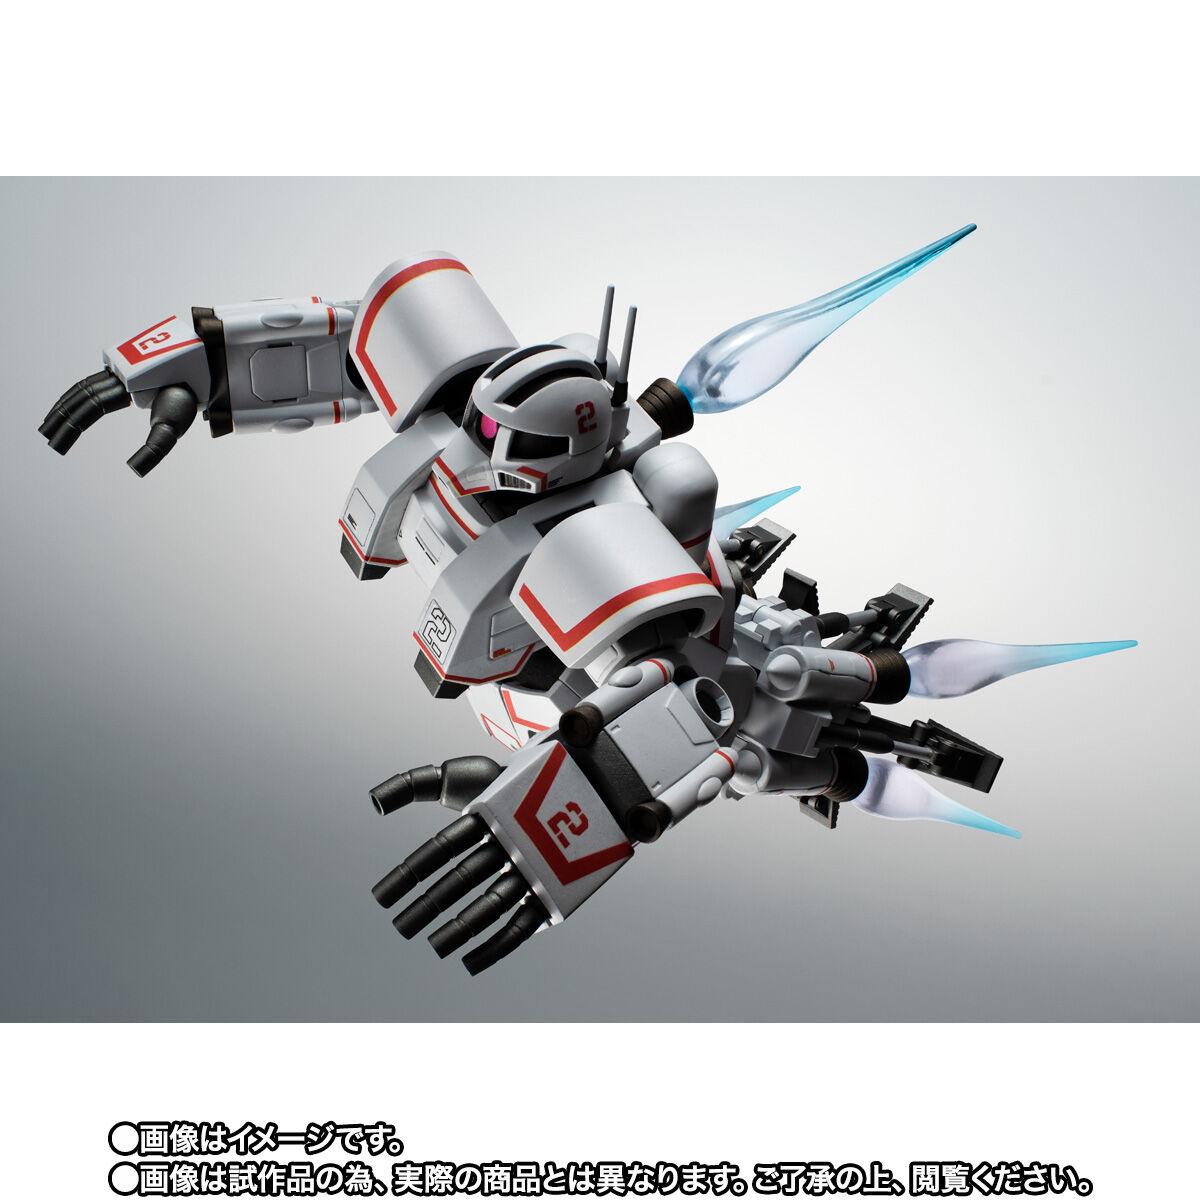 【限定販売】ROBOT魂〈SIDE MS〉『MSN-01 高速機動型ザク ver. A.N.I.M.E.』ガンダムMSV 可動フィギュア-006